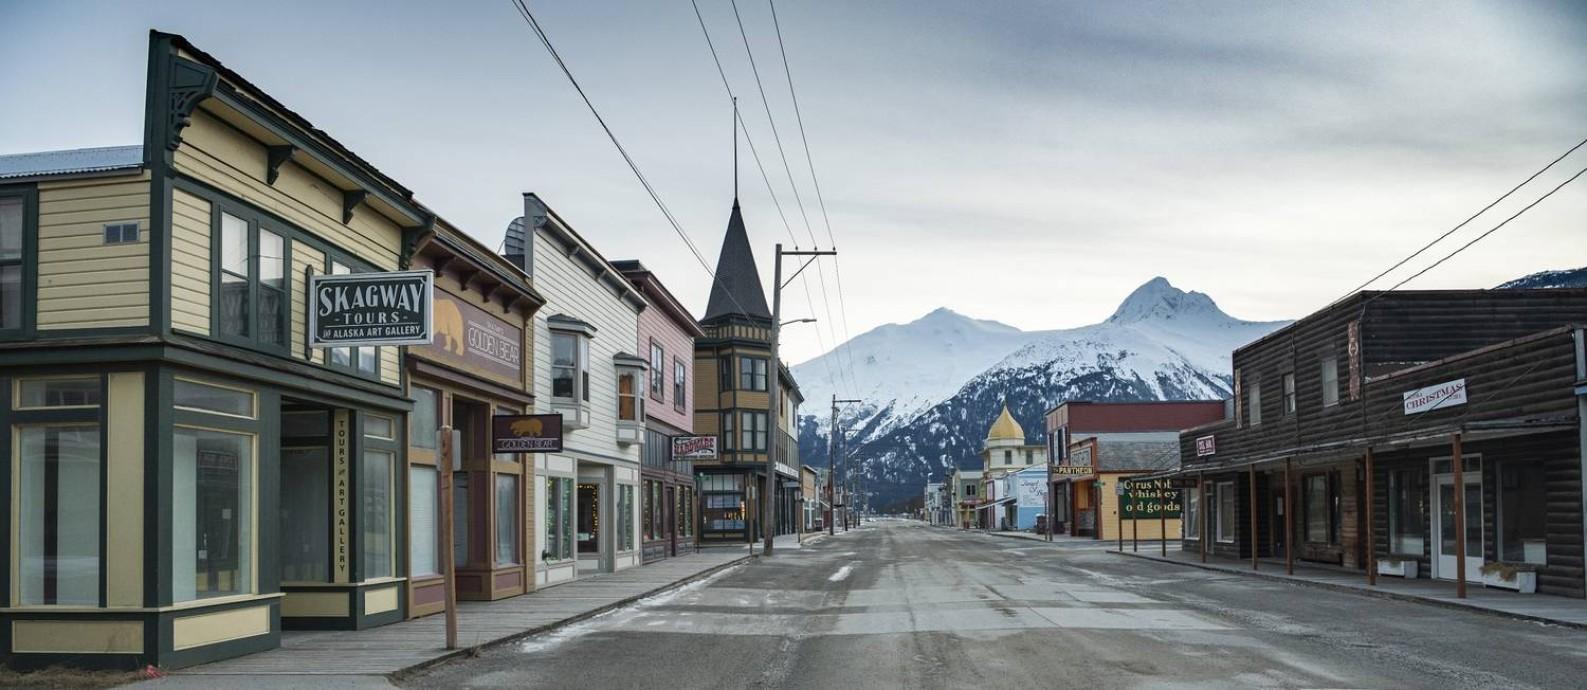 A Broadway, a principal avenida de Skagway, no Alasca, completamente deserta. A cidade vem sofrendo com a falta de turistas, que chegavam a bordo de navios de cruzeiro Foto: Christopher Miller / The New York Times